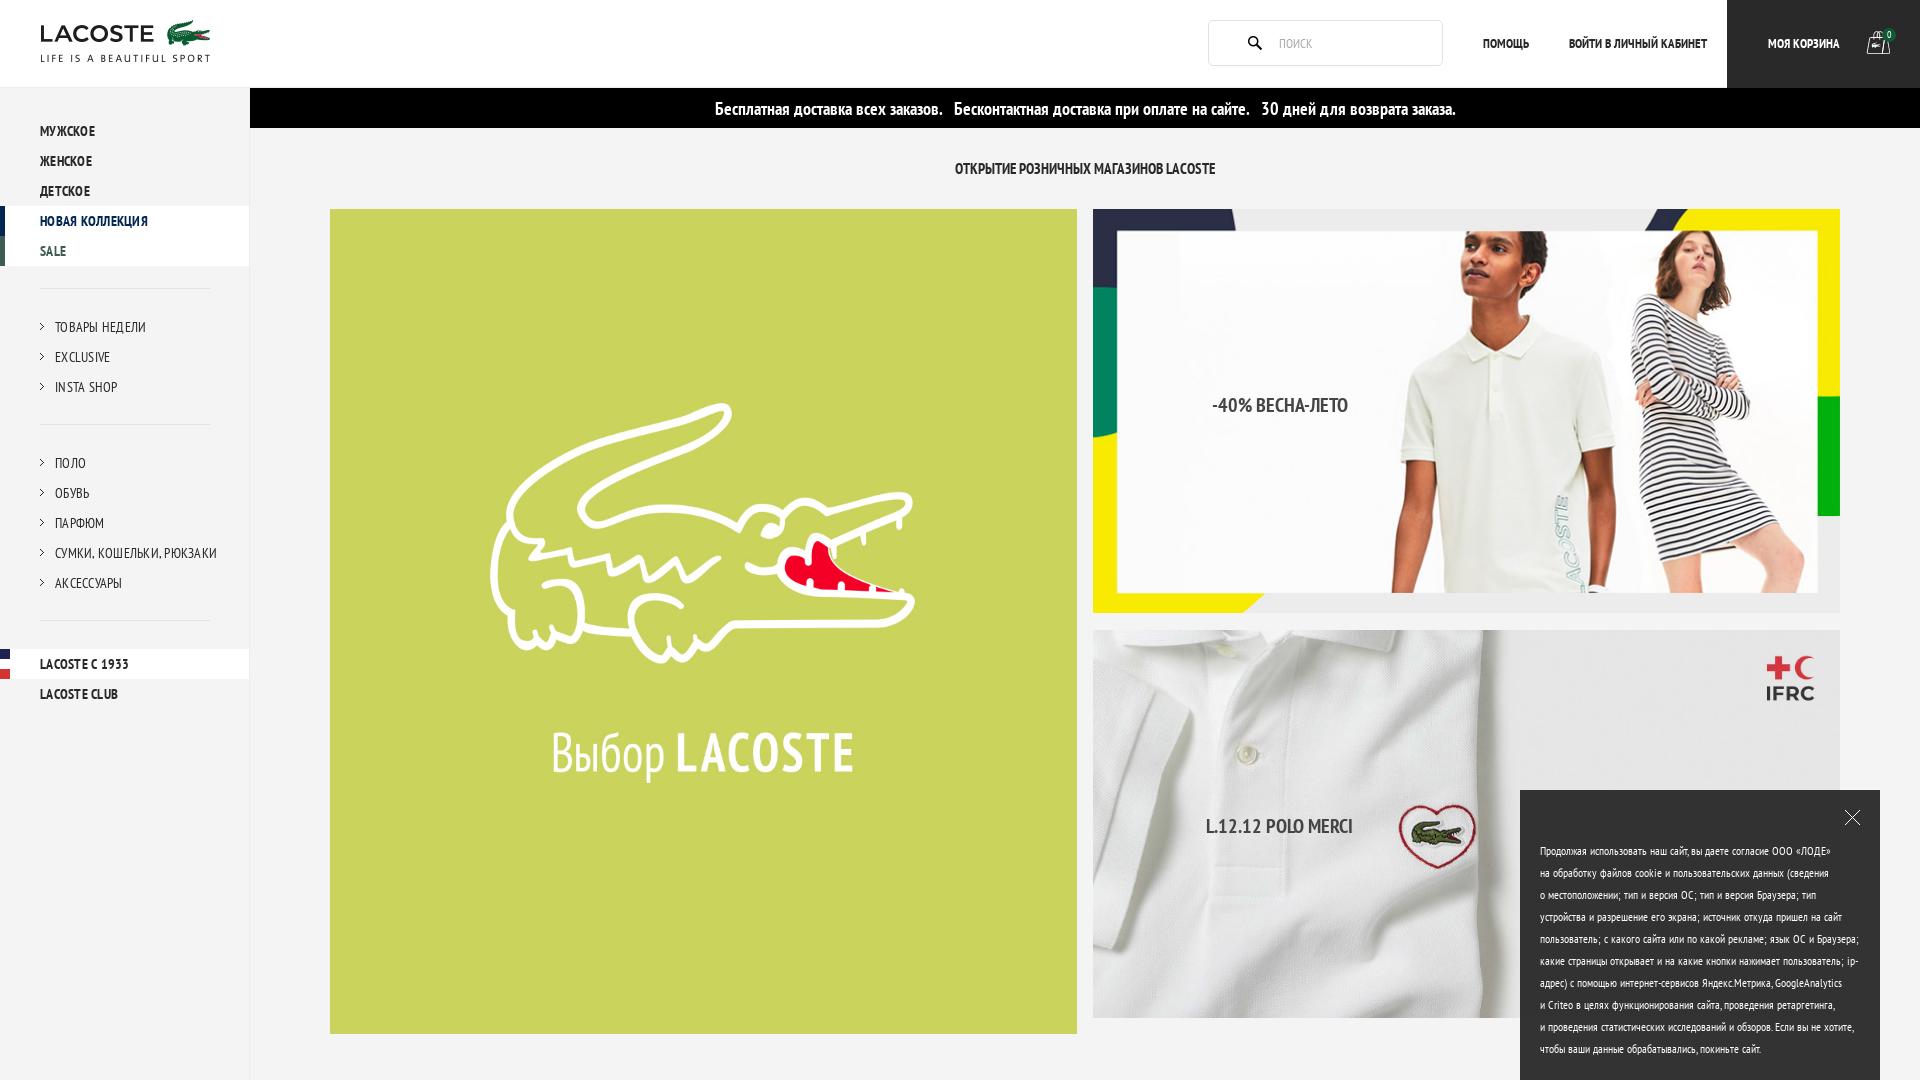 Lacoste RU website